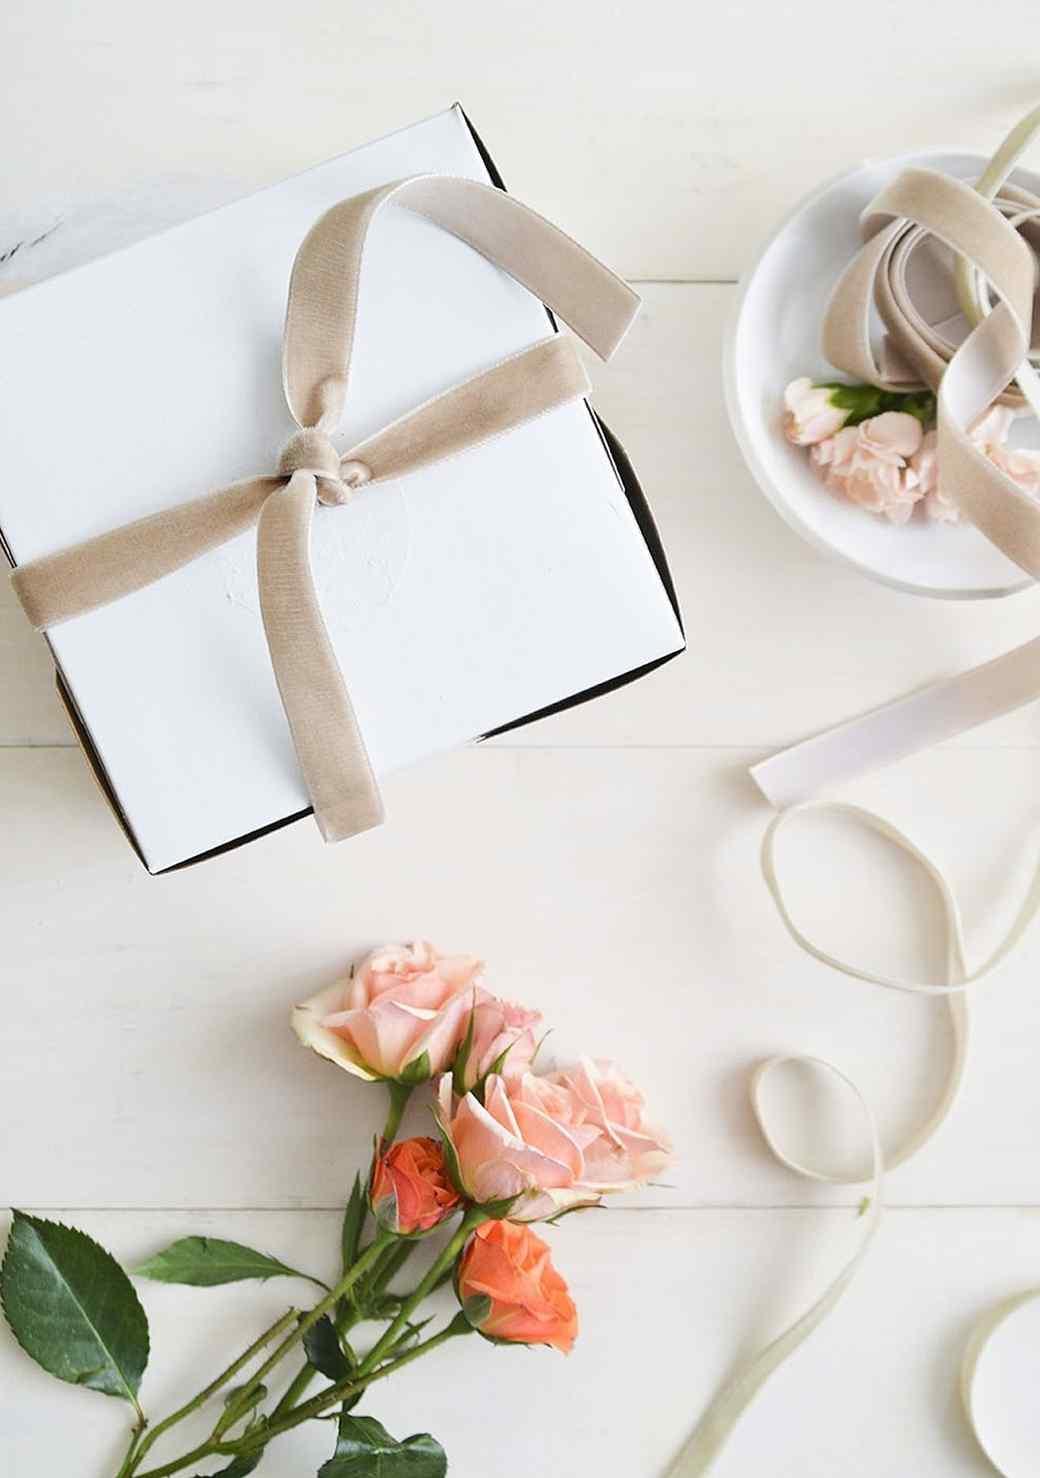 localcreative-marthastewart-valentines-lael-cake-flowers-gift-7--4-.jpg (skyword:225937)